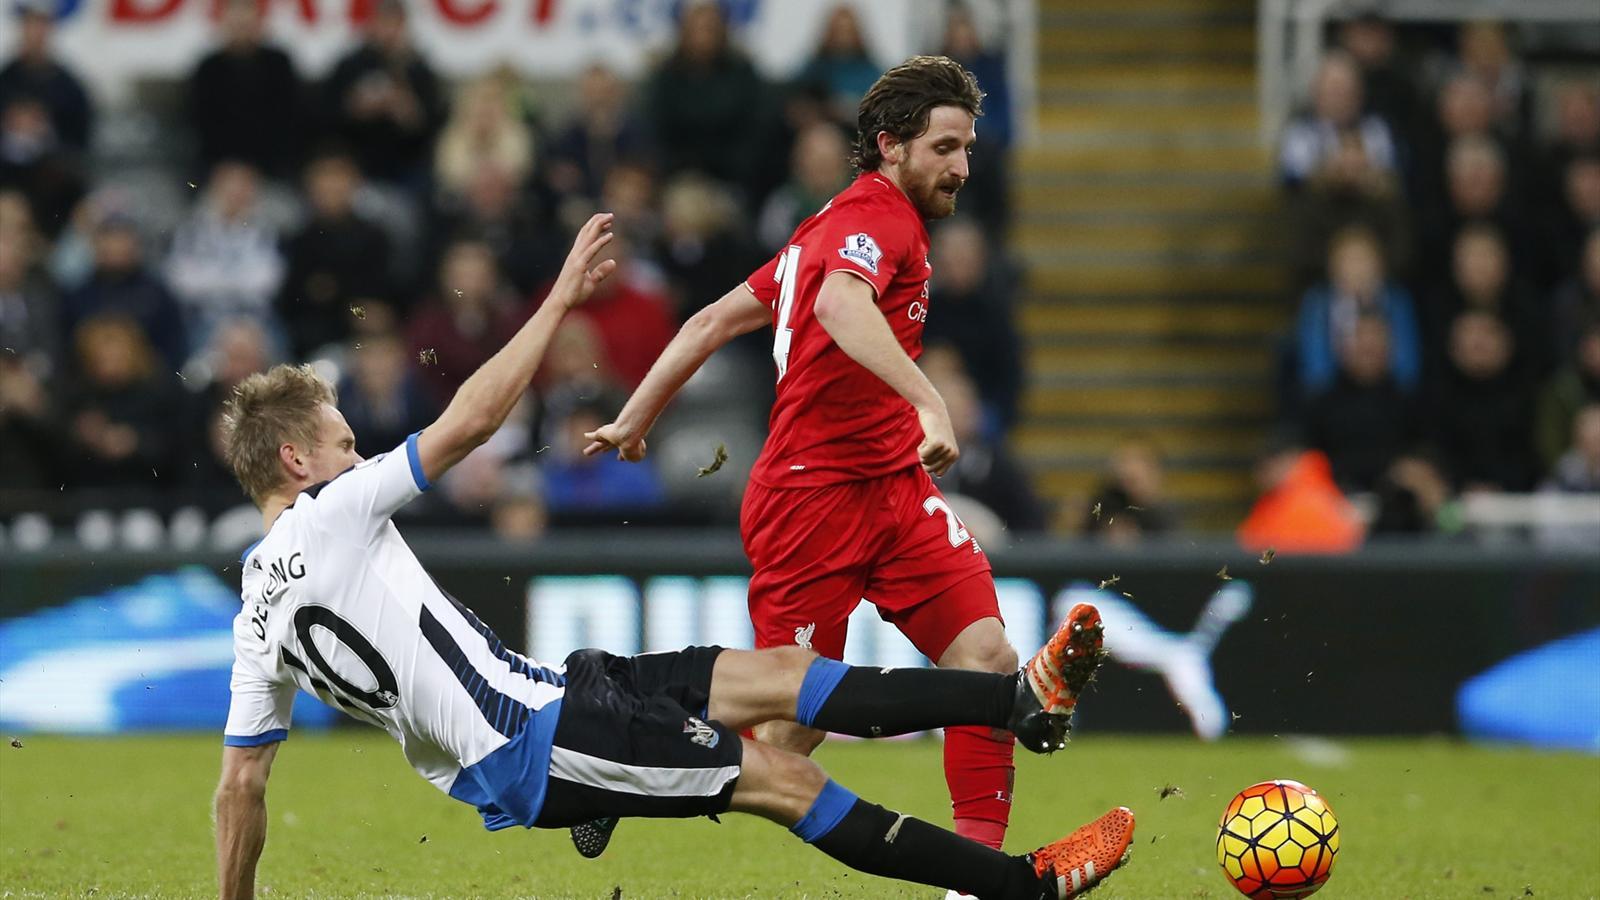 Liverpool's Joe Allen in action with Newcastle United's Siem de Jong